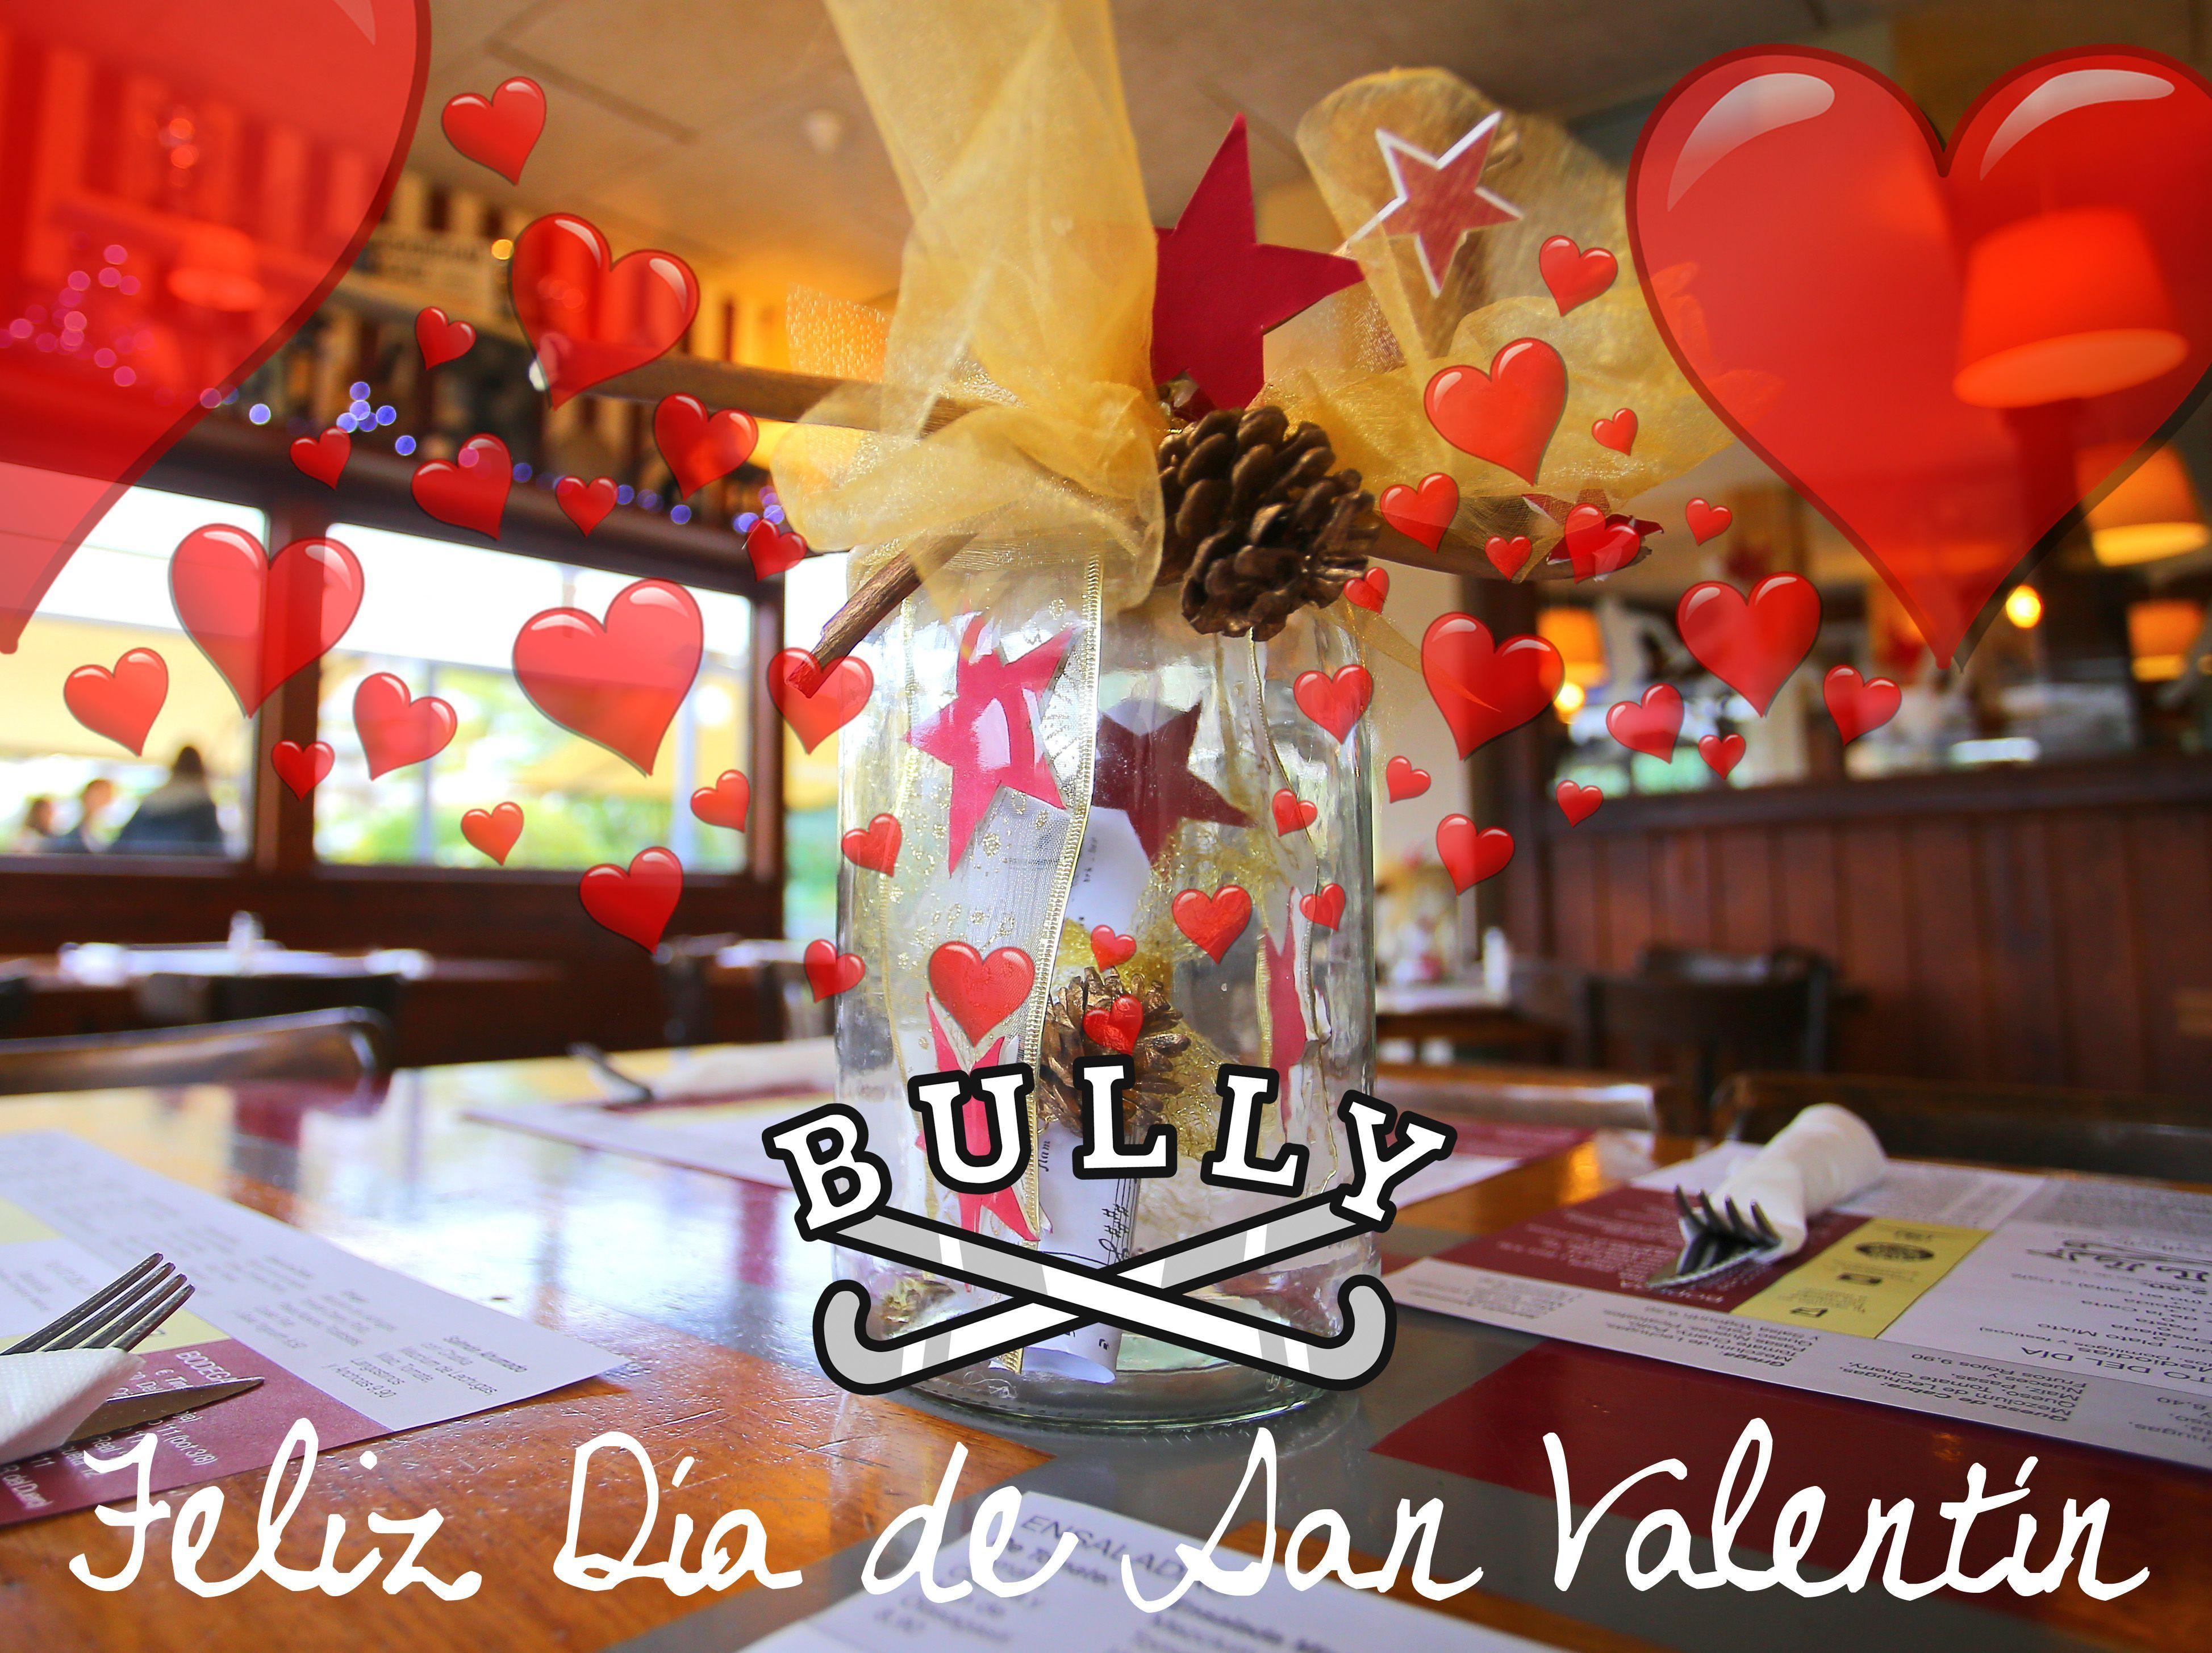 El equipo del #vamosalbully #donostia #sansebastian os desea un muy feliz día de #sanValentin. Que viva el amor. Sorprende a tu pareja invitándole a comer en nuestro restaurante. (No a cenar que los Domingos en invierno cerramos por la noche)